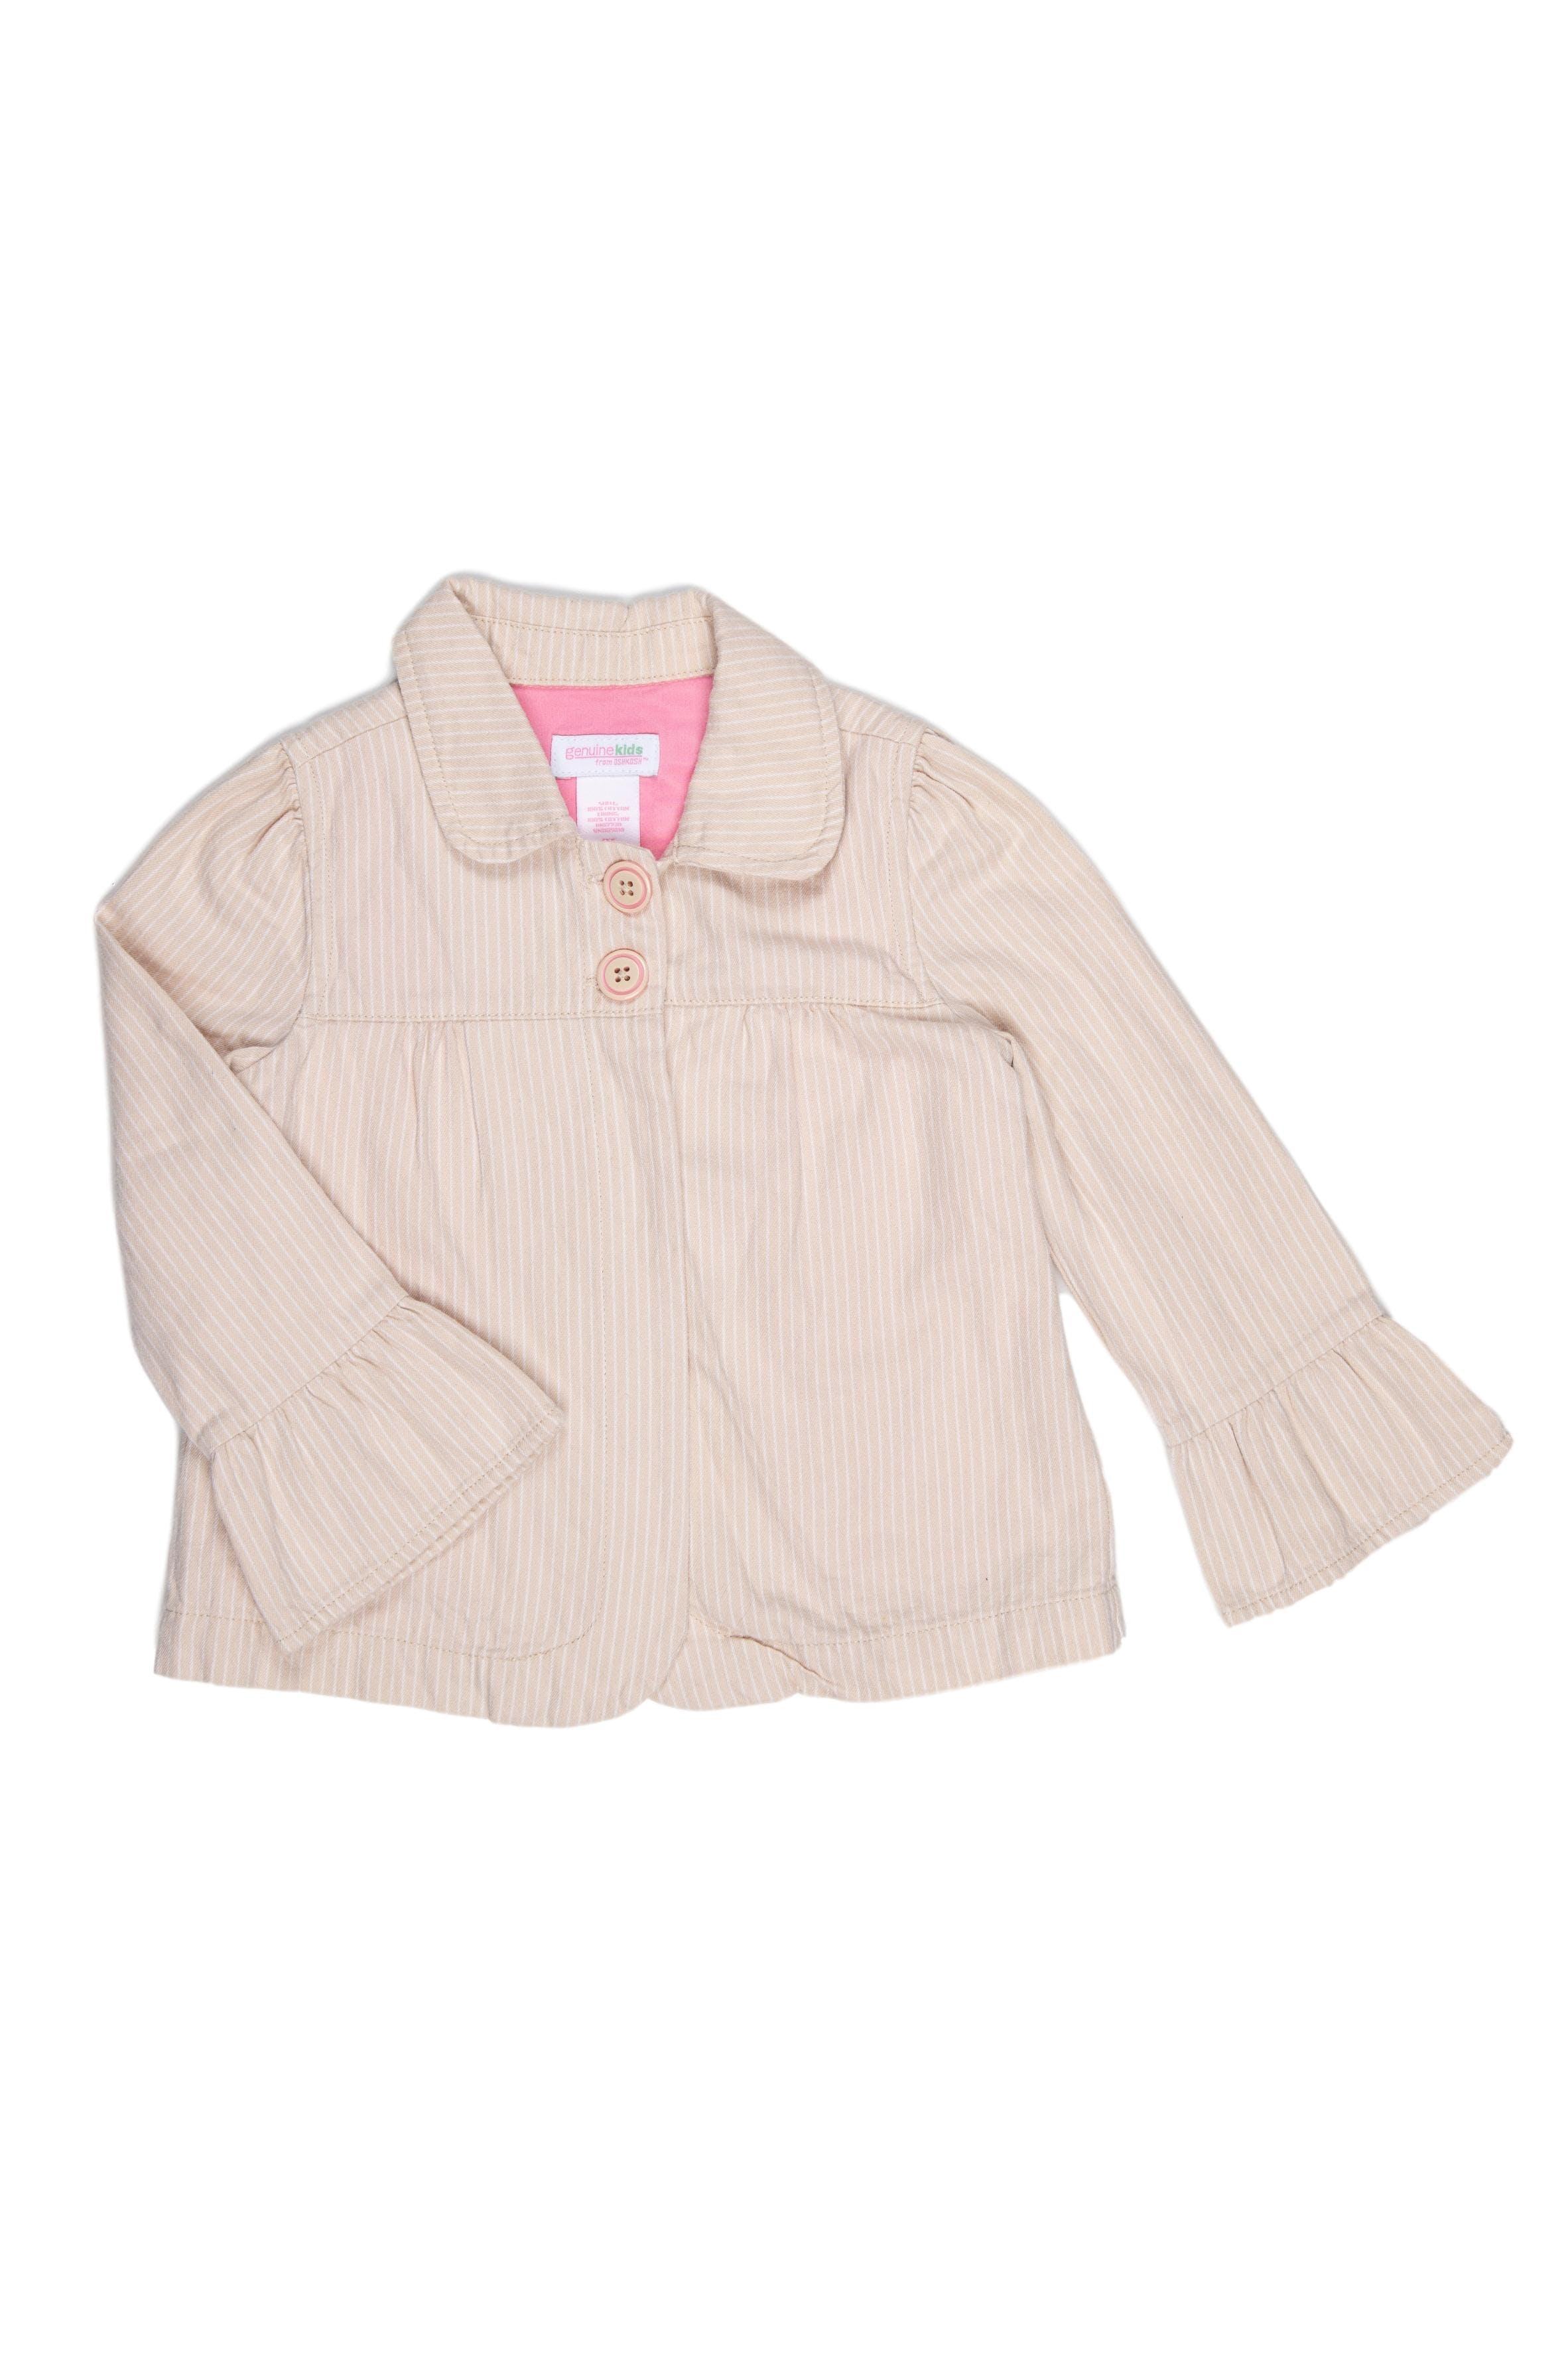 Saco de tela color beige claro con rallas blancas, forrado, con puño ancho. 100% algodón. Talla en etiqueta 3T - Genuine Kids